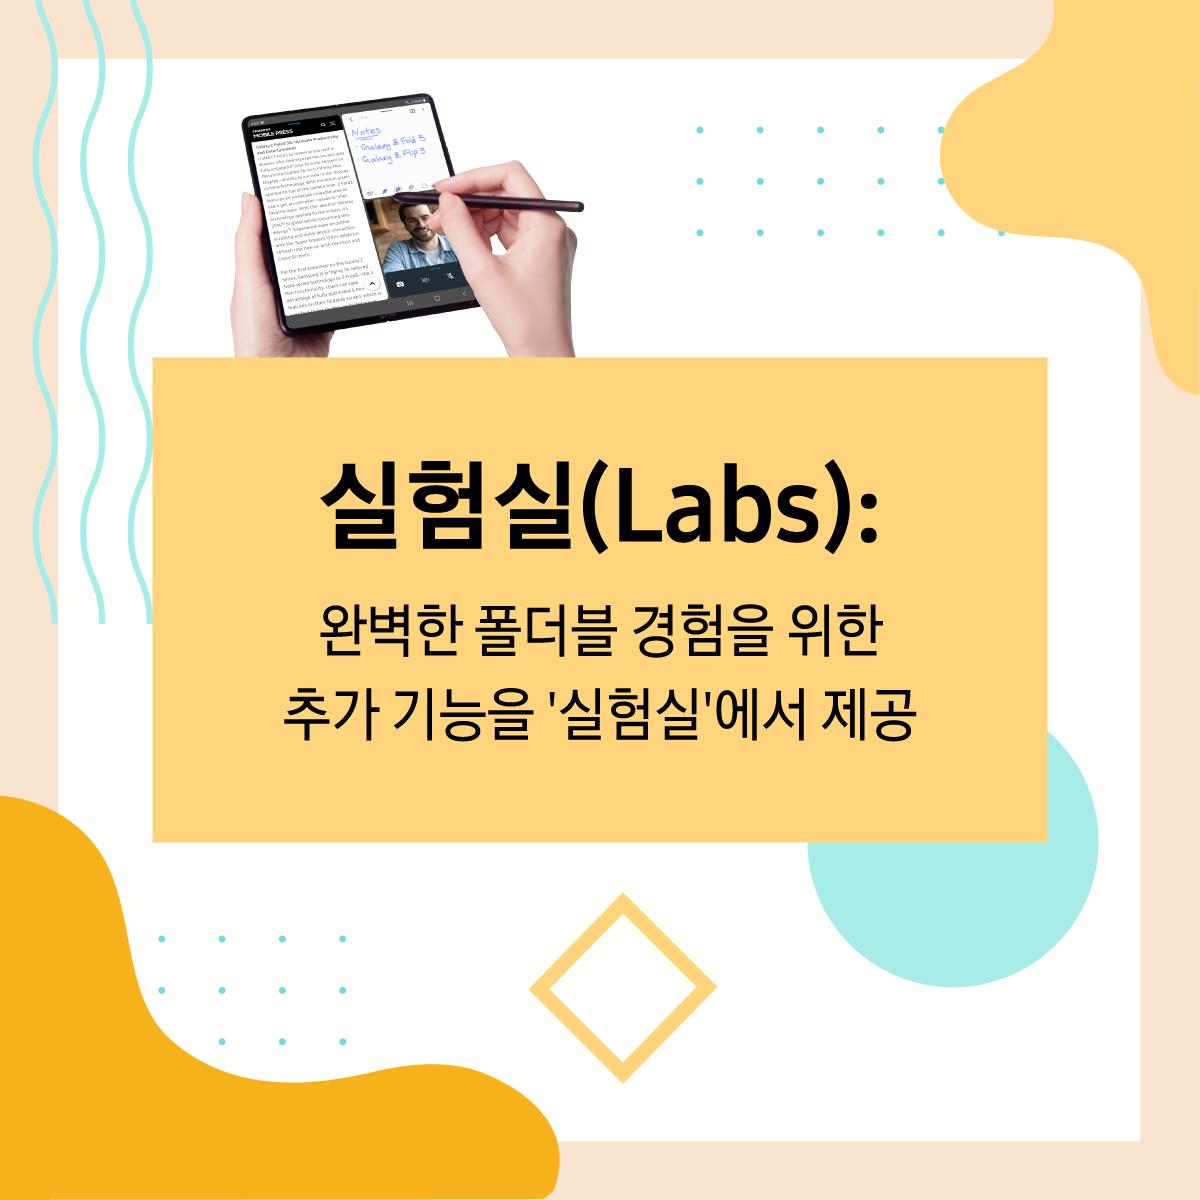 실험실(Labs): 완벽한 폴더블 경험을 위한 추가 기능을 '실험실'에서 제공